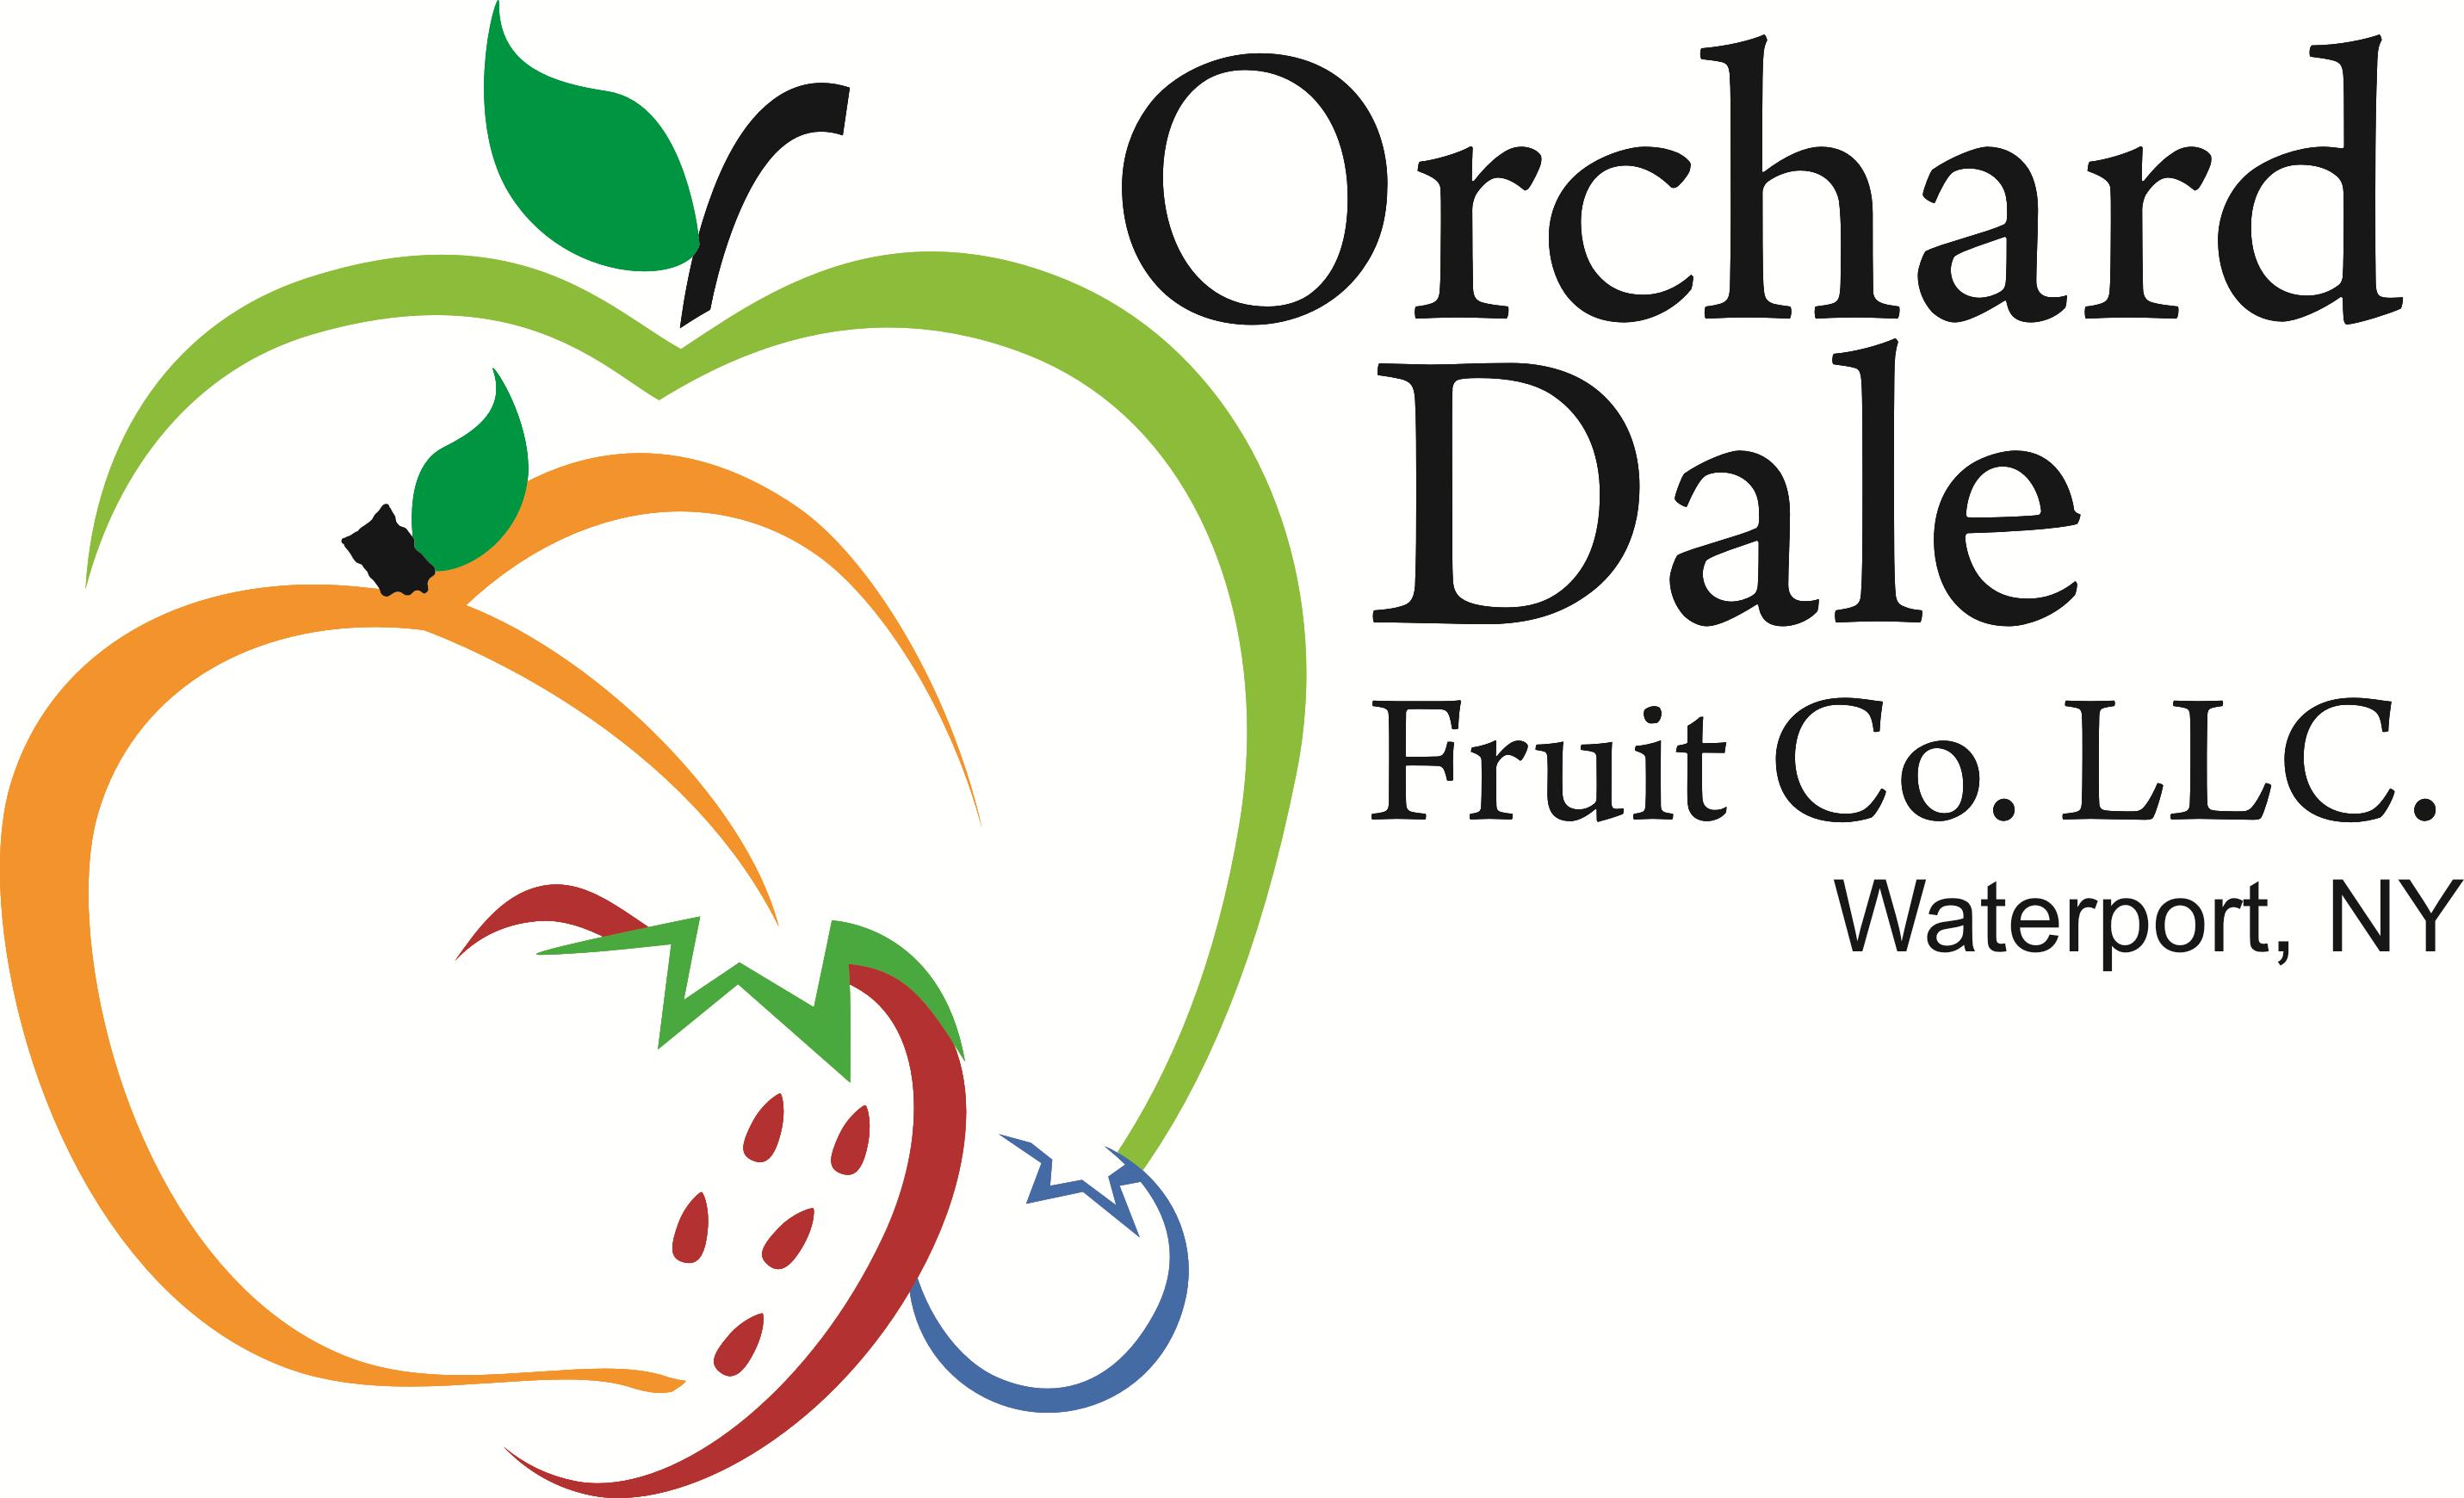 Fruit Logos